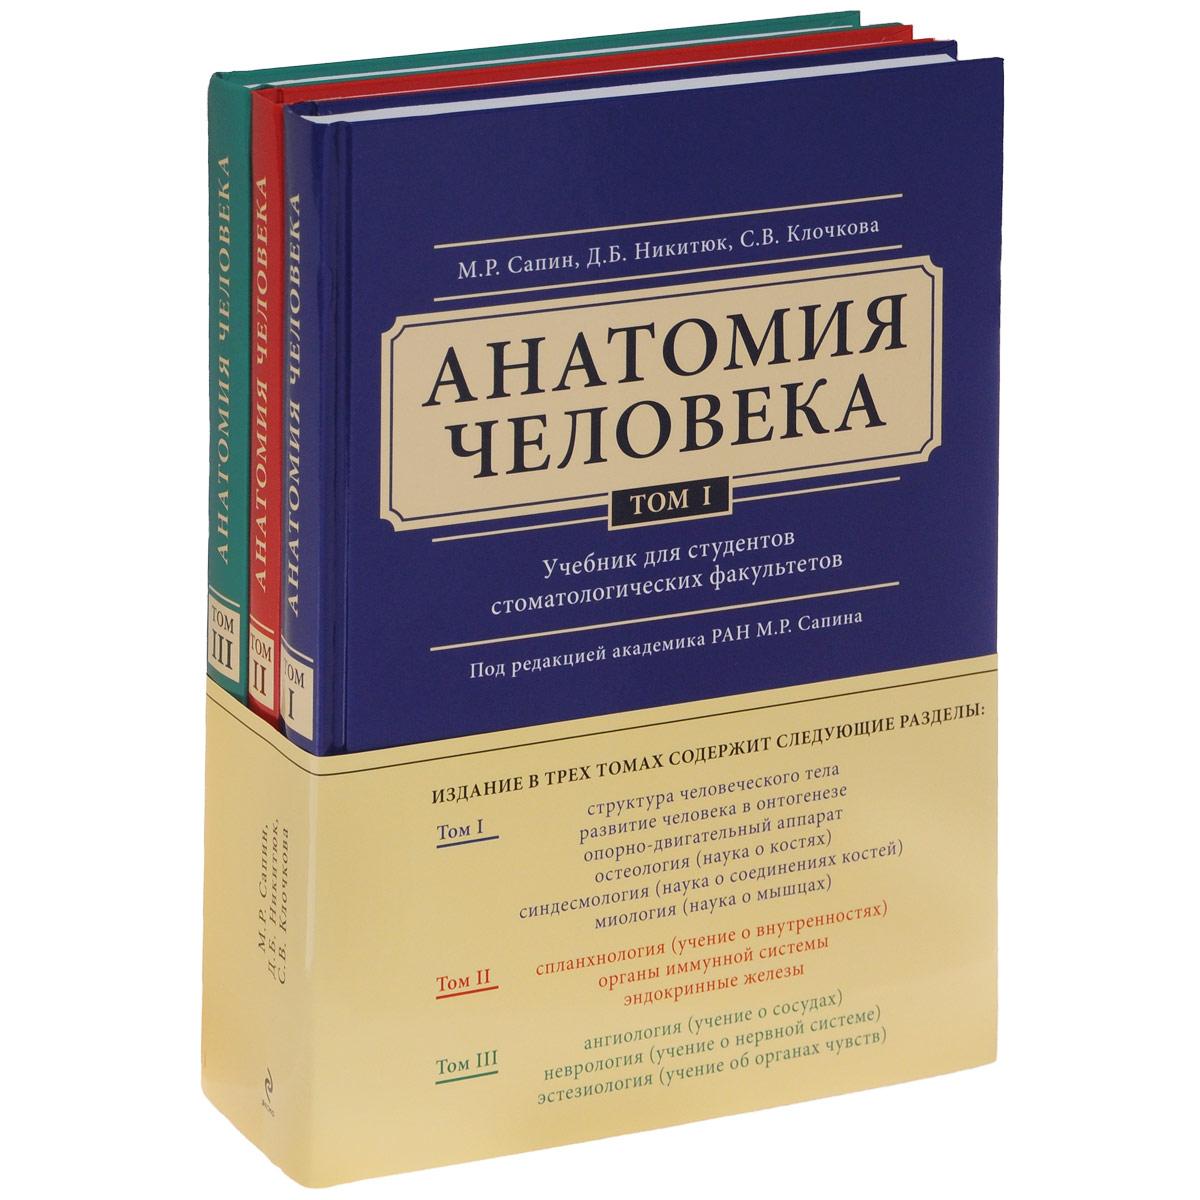 М. Р. Сапин, Д. Б. Никитюк, С. В. Клочкова Анатомия человека. Учебник. В 3 томах (комплект из 3 книг) ISBN: 978-5-699-75939-2 анатомия человека русско латинский атлас